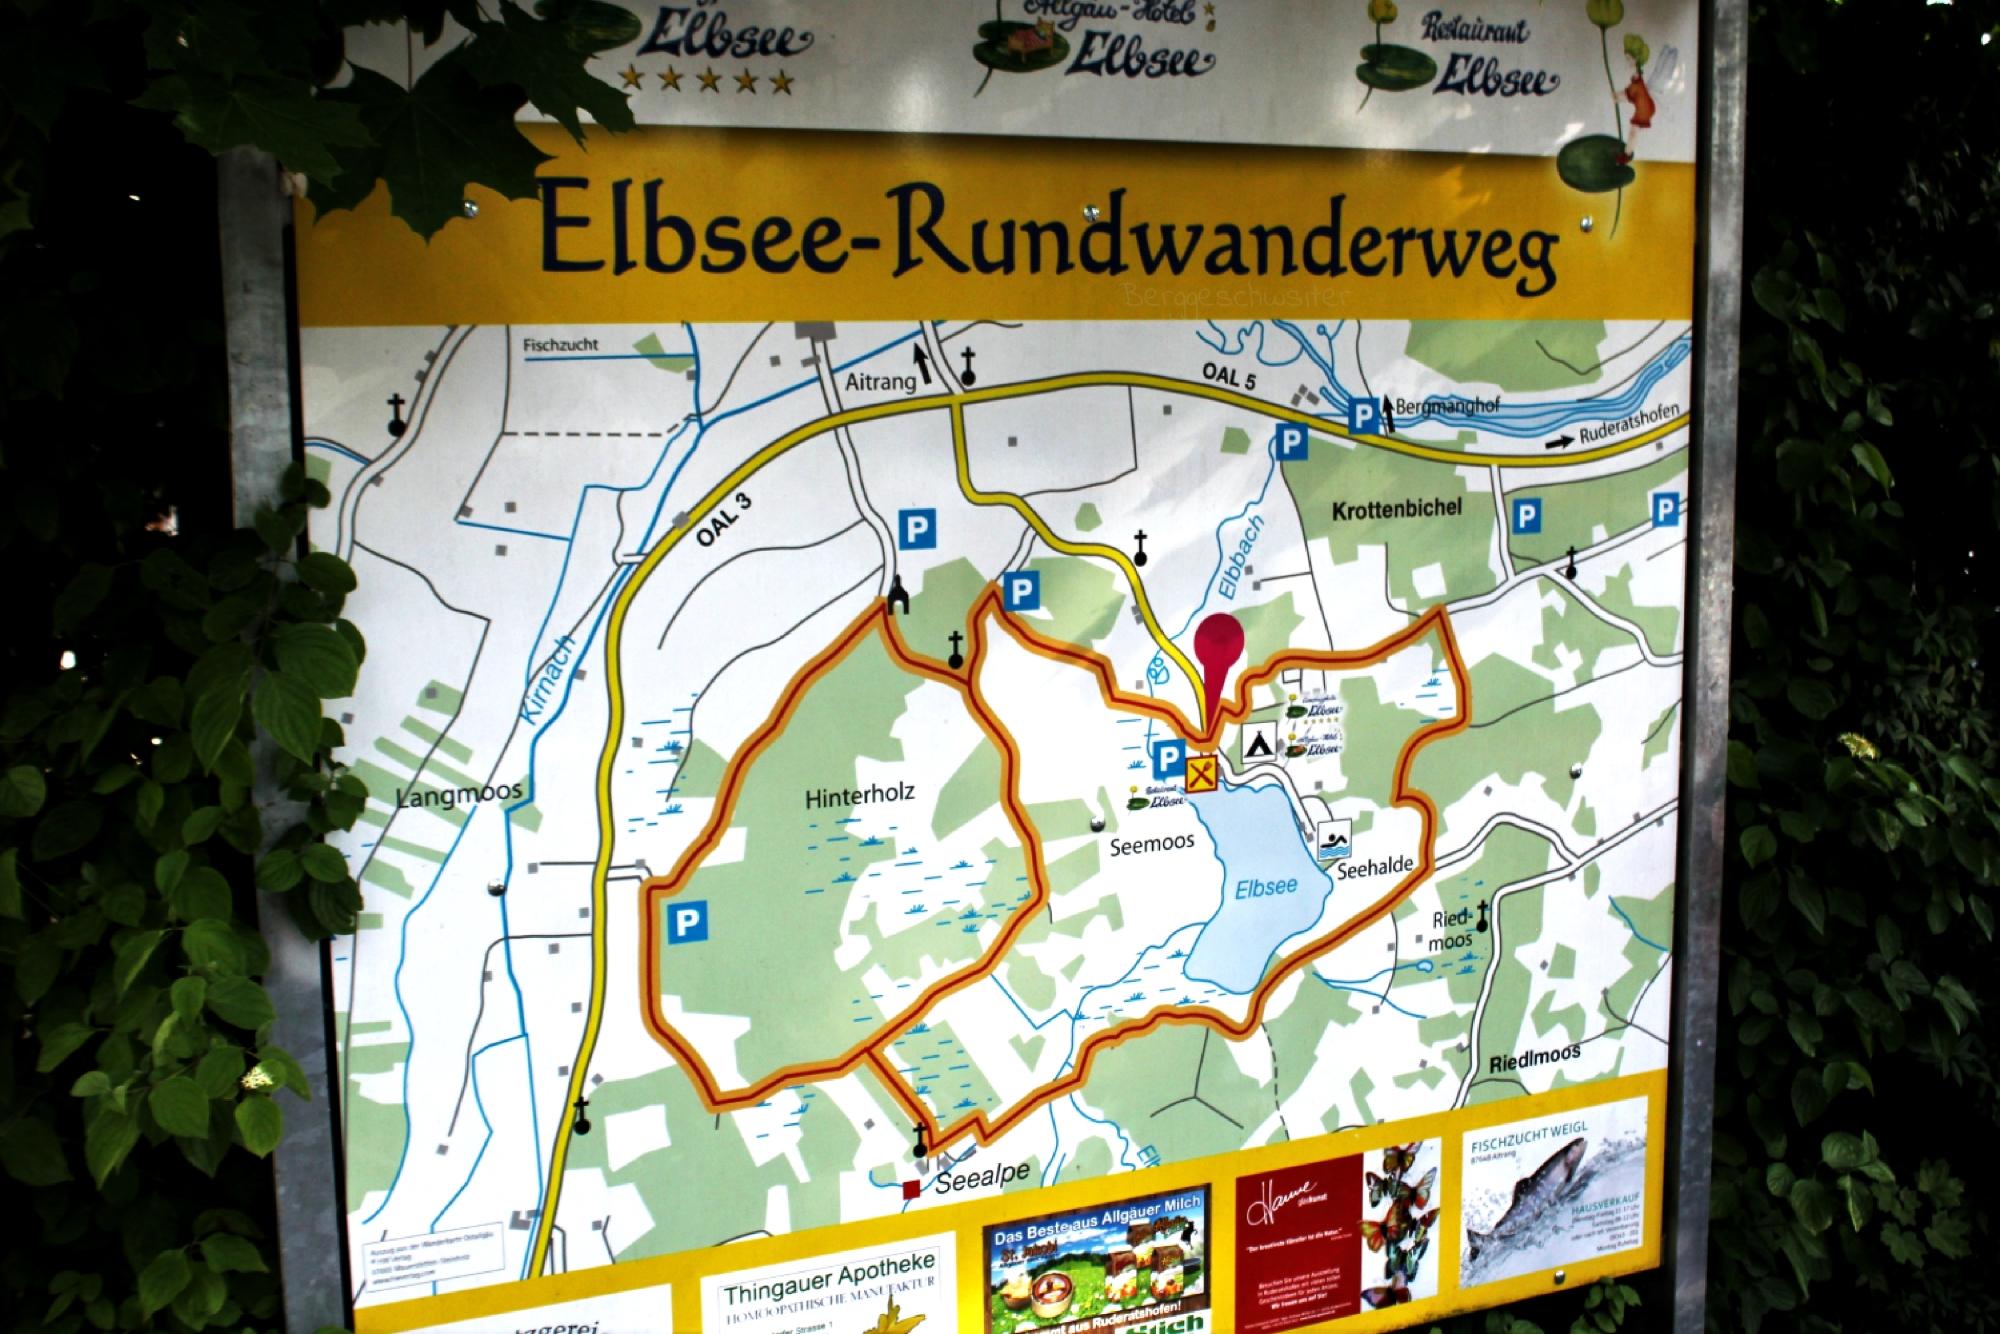 Unterwegs Mit Kindern Der Elbsee Rundwanderweg Bei Aitrang Allau